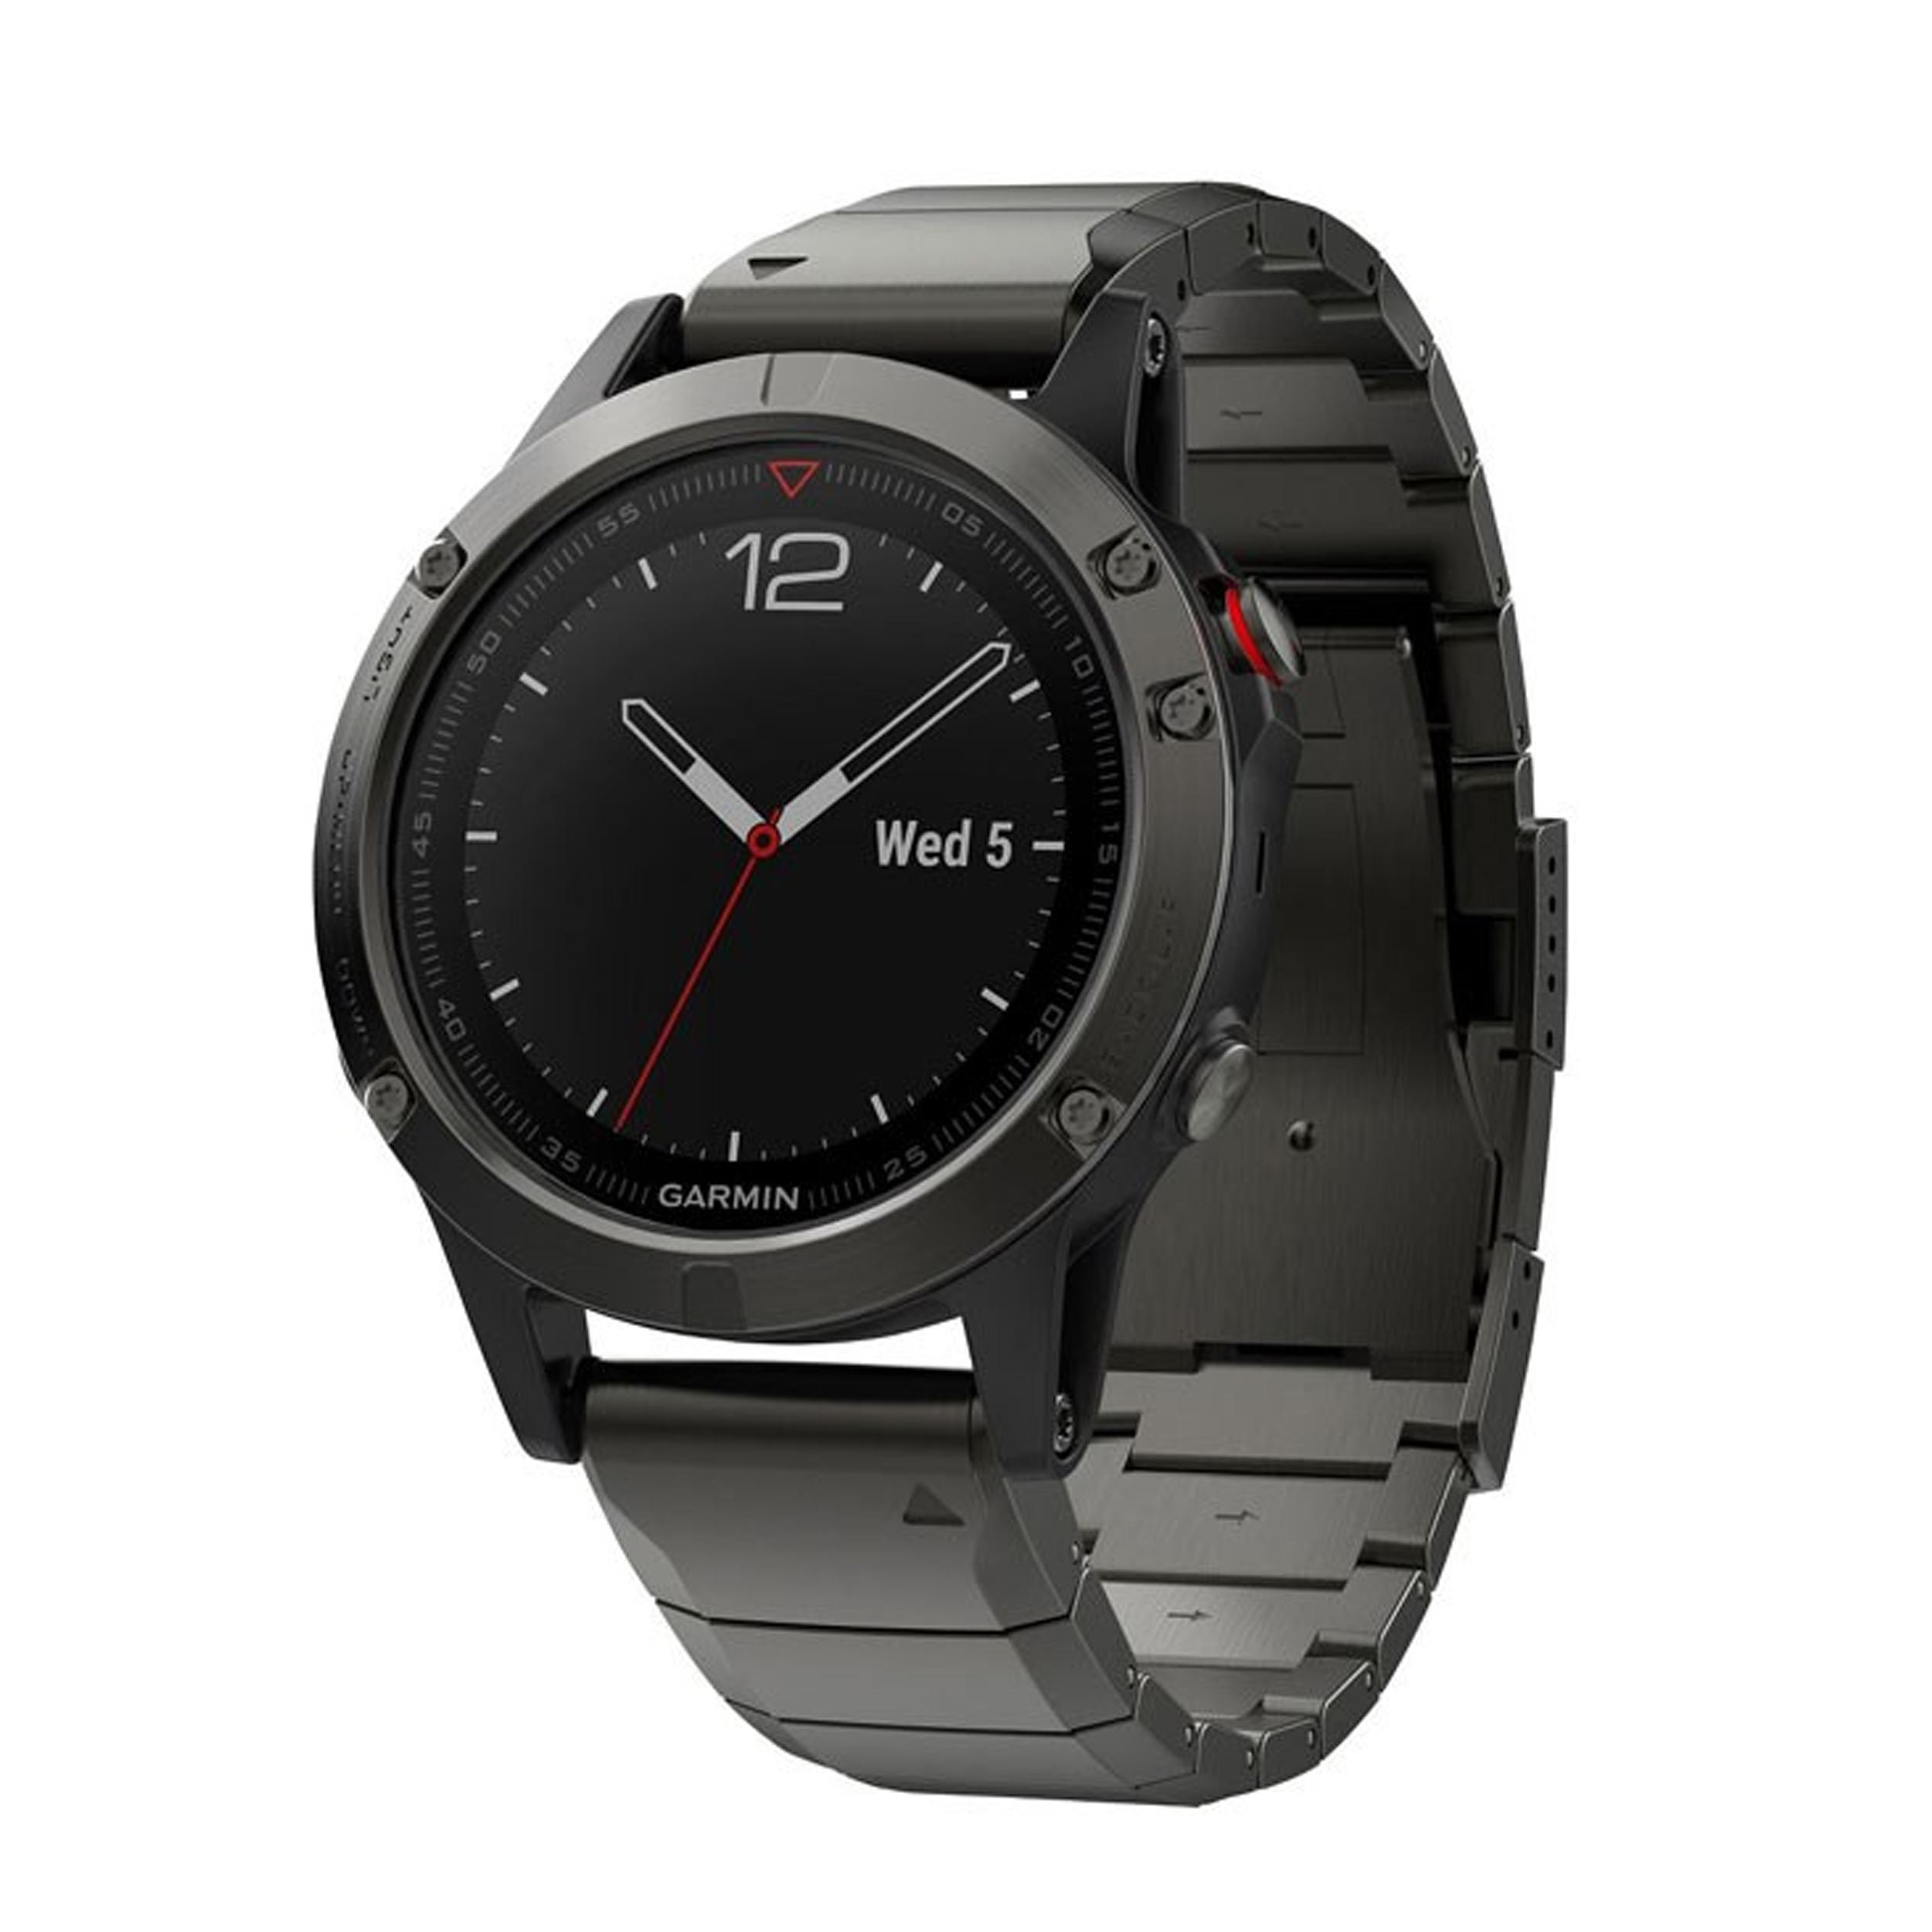 ساعت ورزشی گارمین مدل Fenix 5 010-01688-21